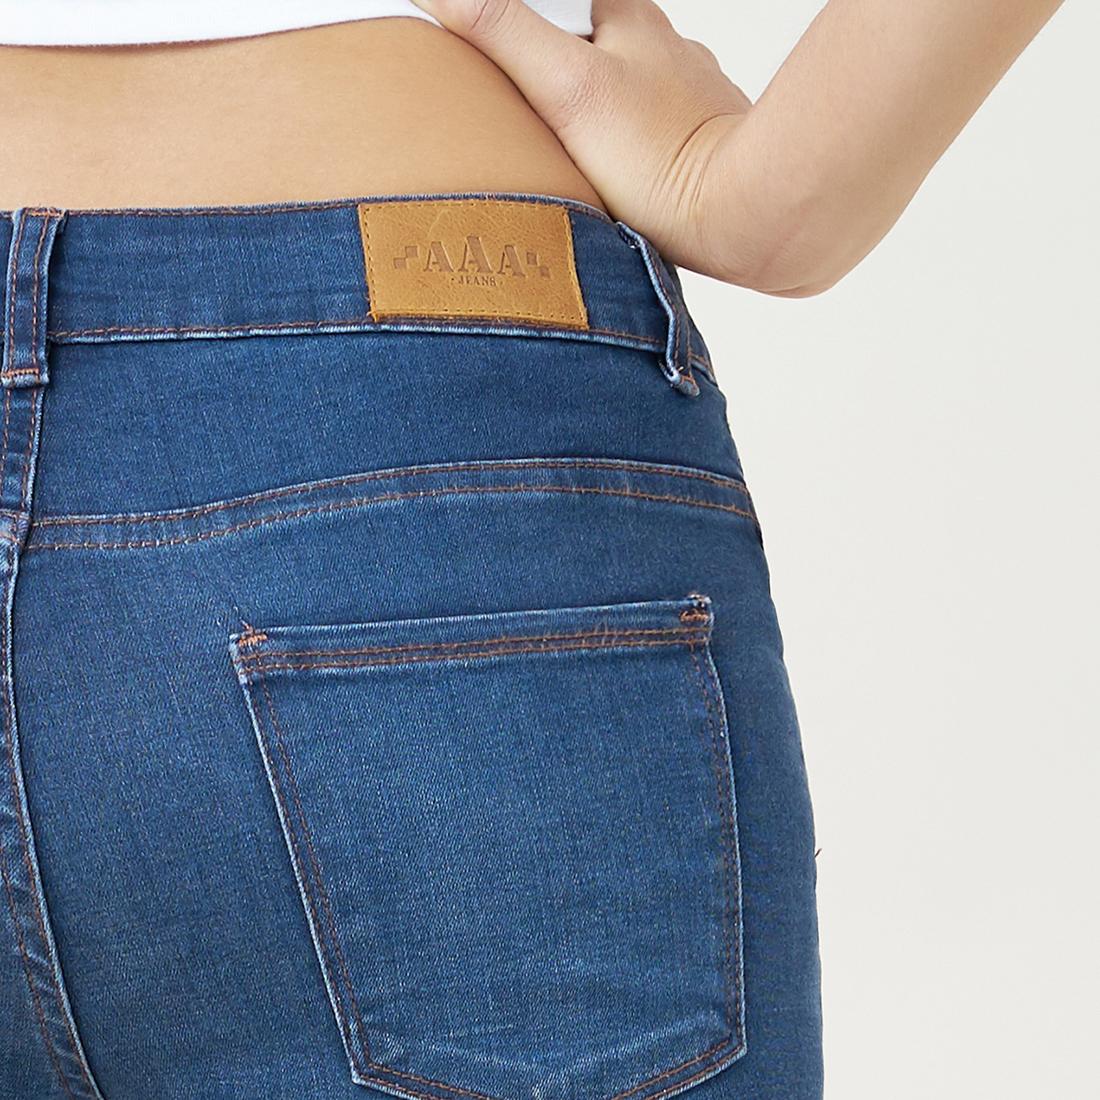 Quần Jean Nữ Skinny Lưng Vừa Aaa Jeans Có Nhiều Màu Size 26 - 32 4